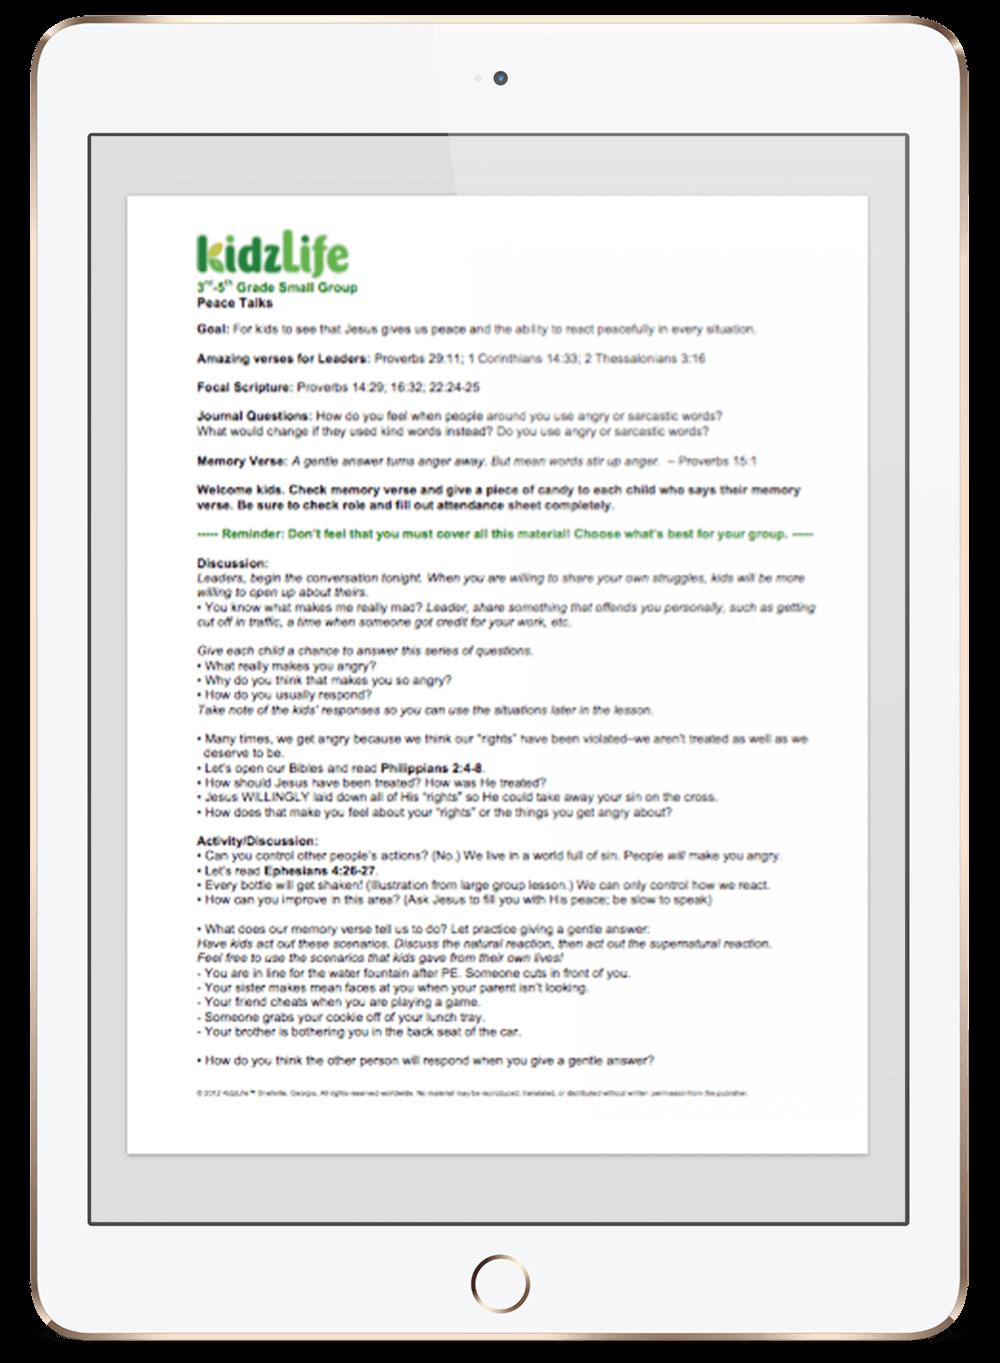 Kidzlife leader guide.png